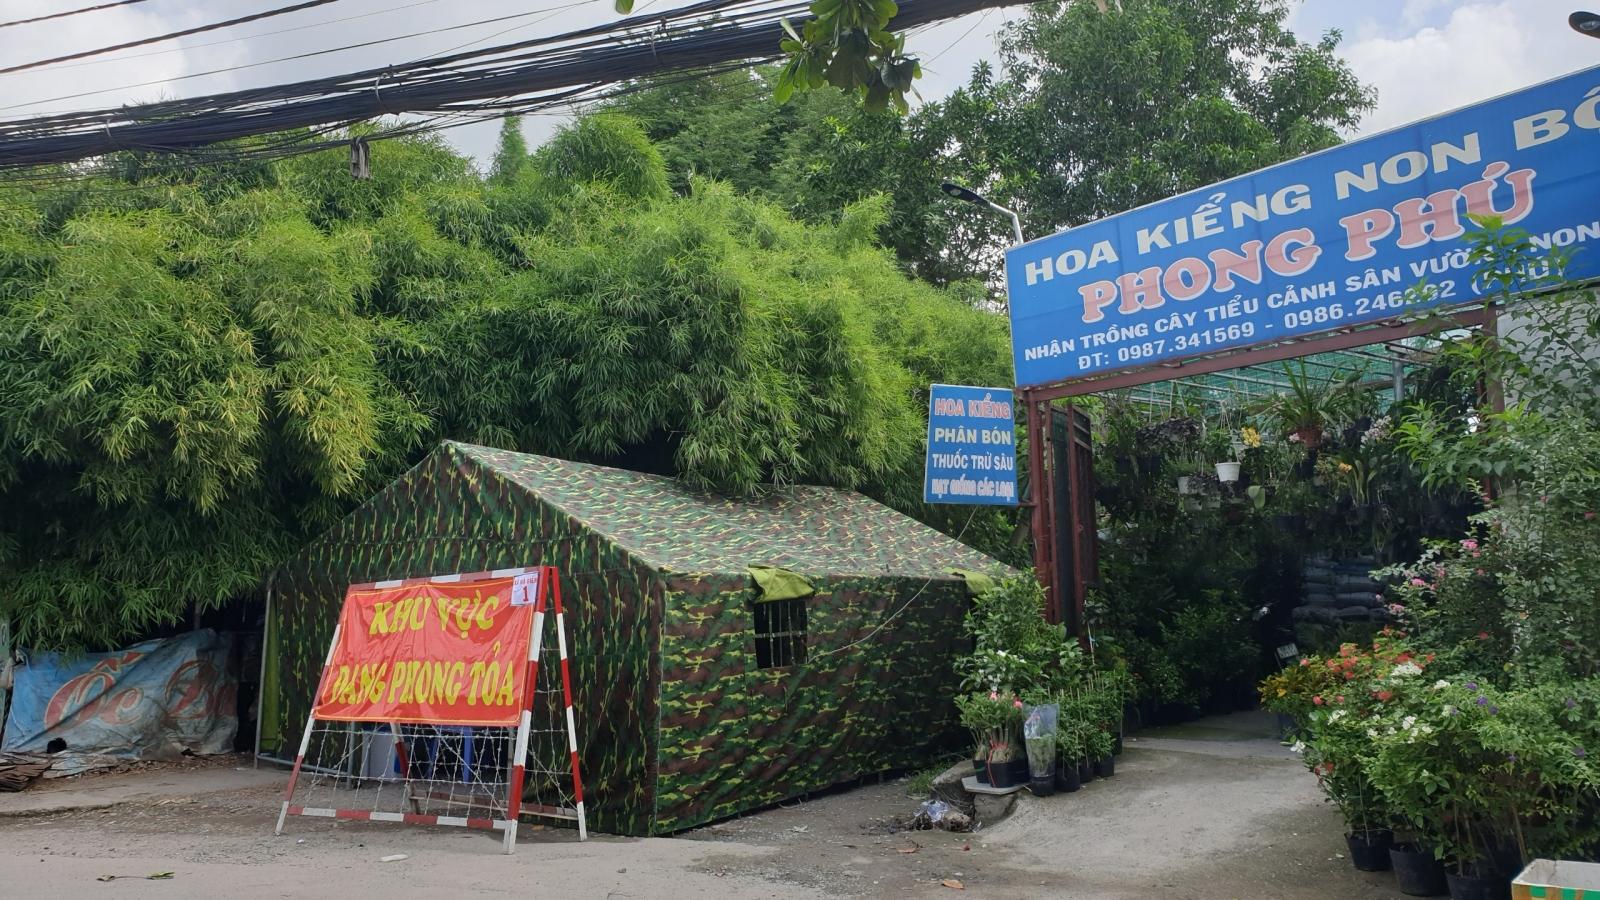 Huyện Hóc Môn (TP.HCM) phong toả thêm 3 khu vực